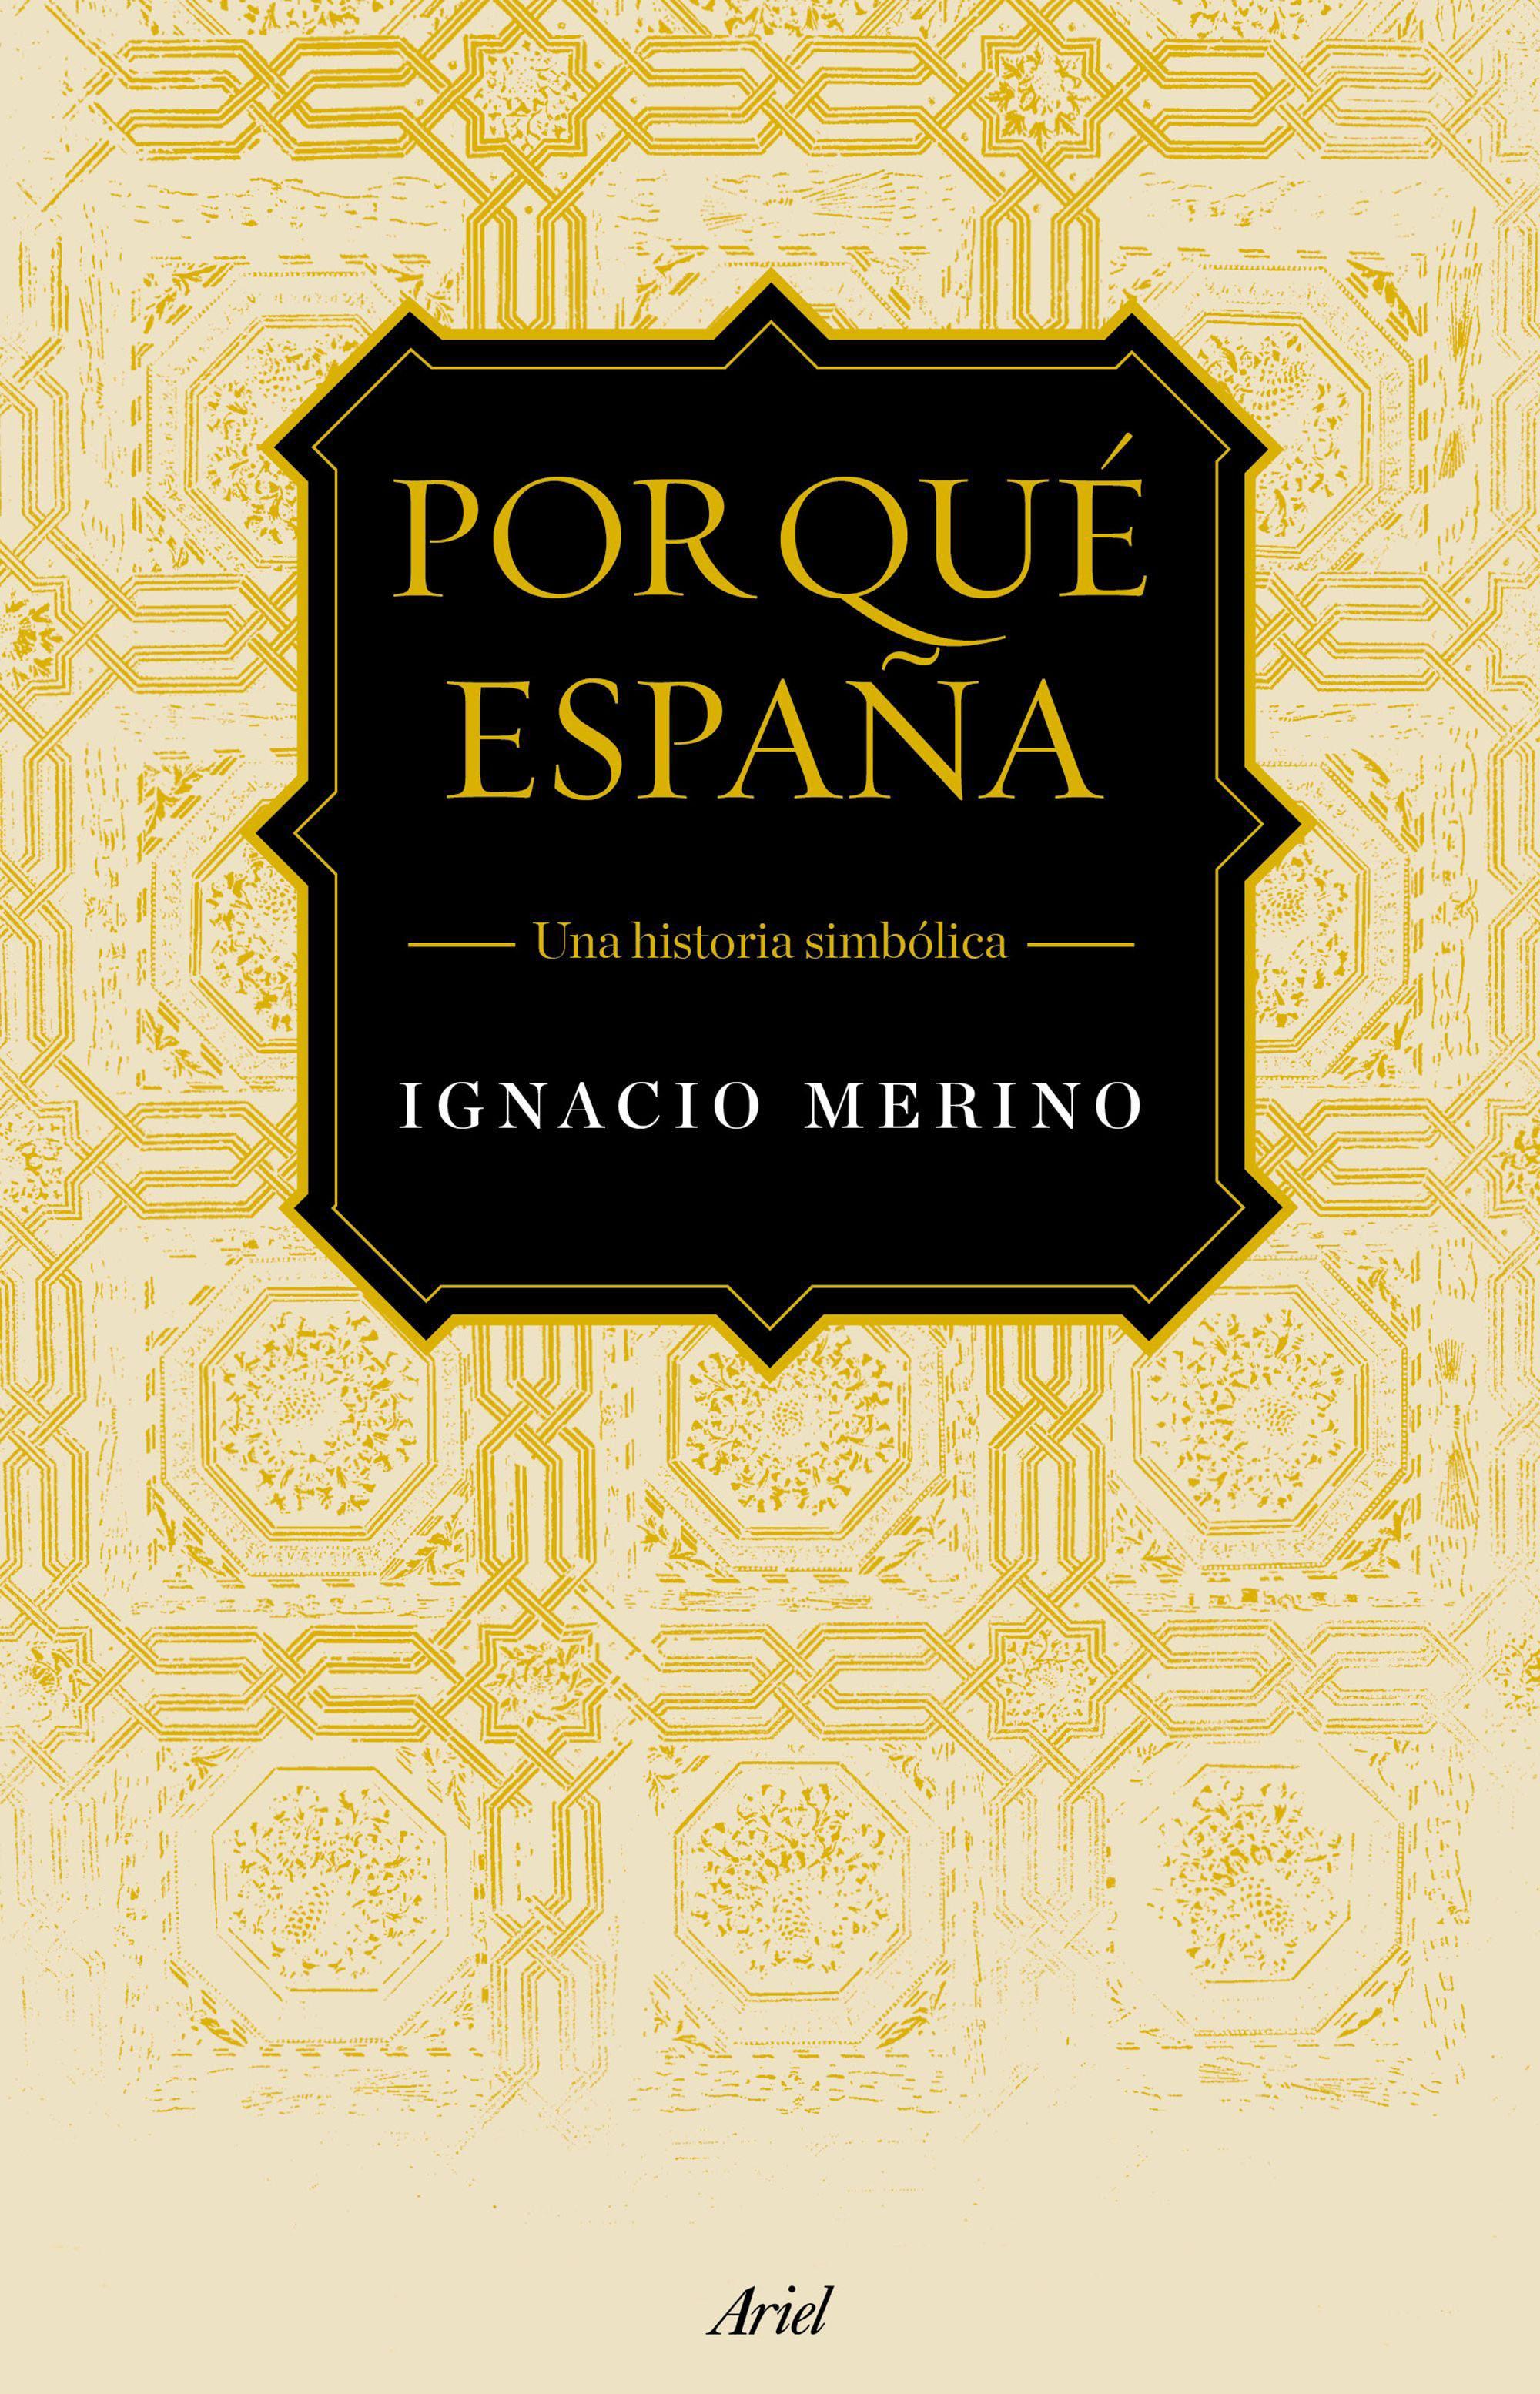 Por Que Espana el reino del dragon de oro